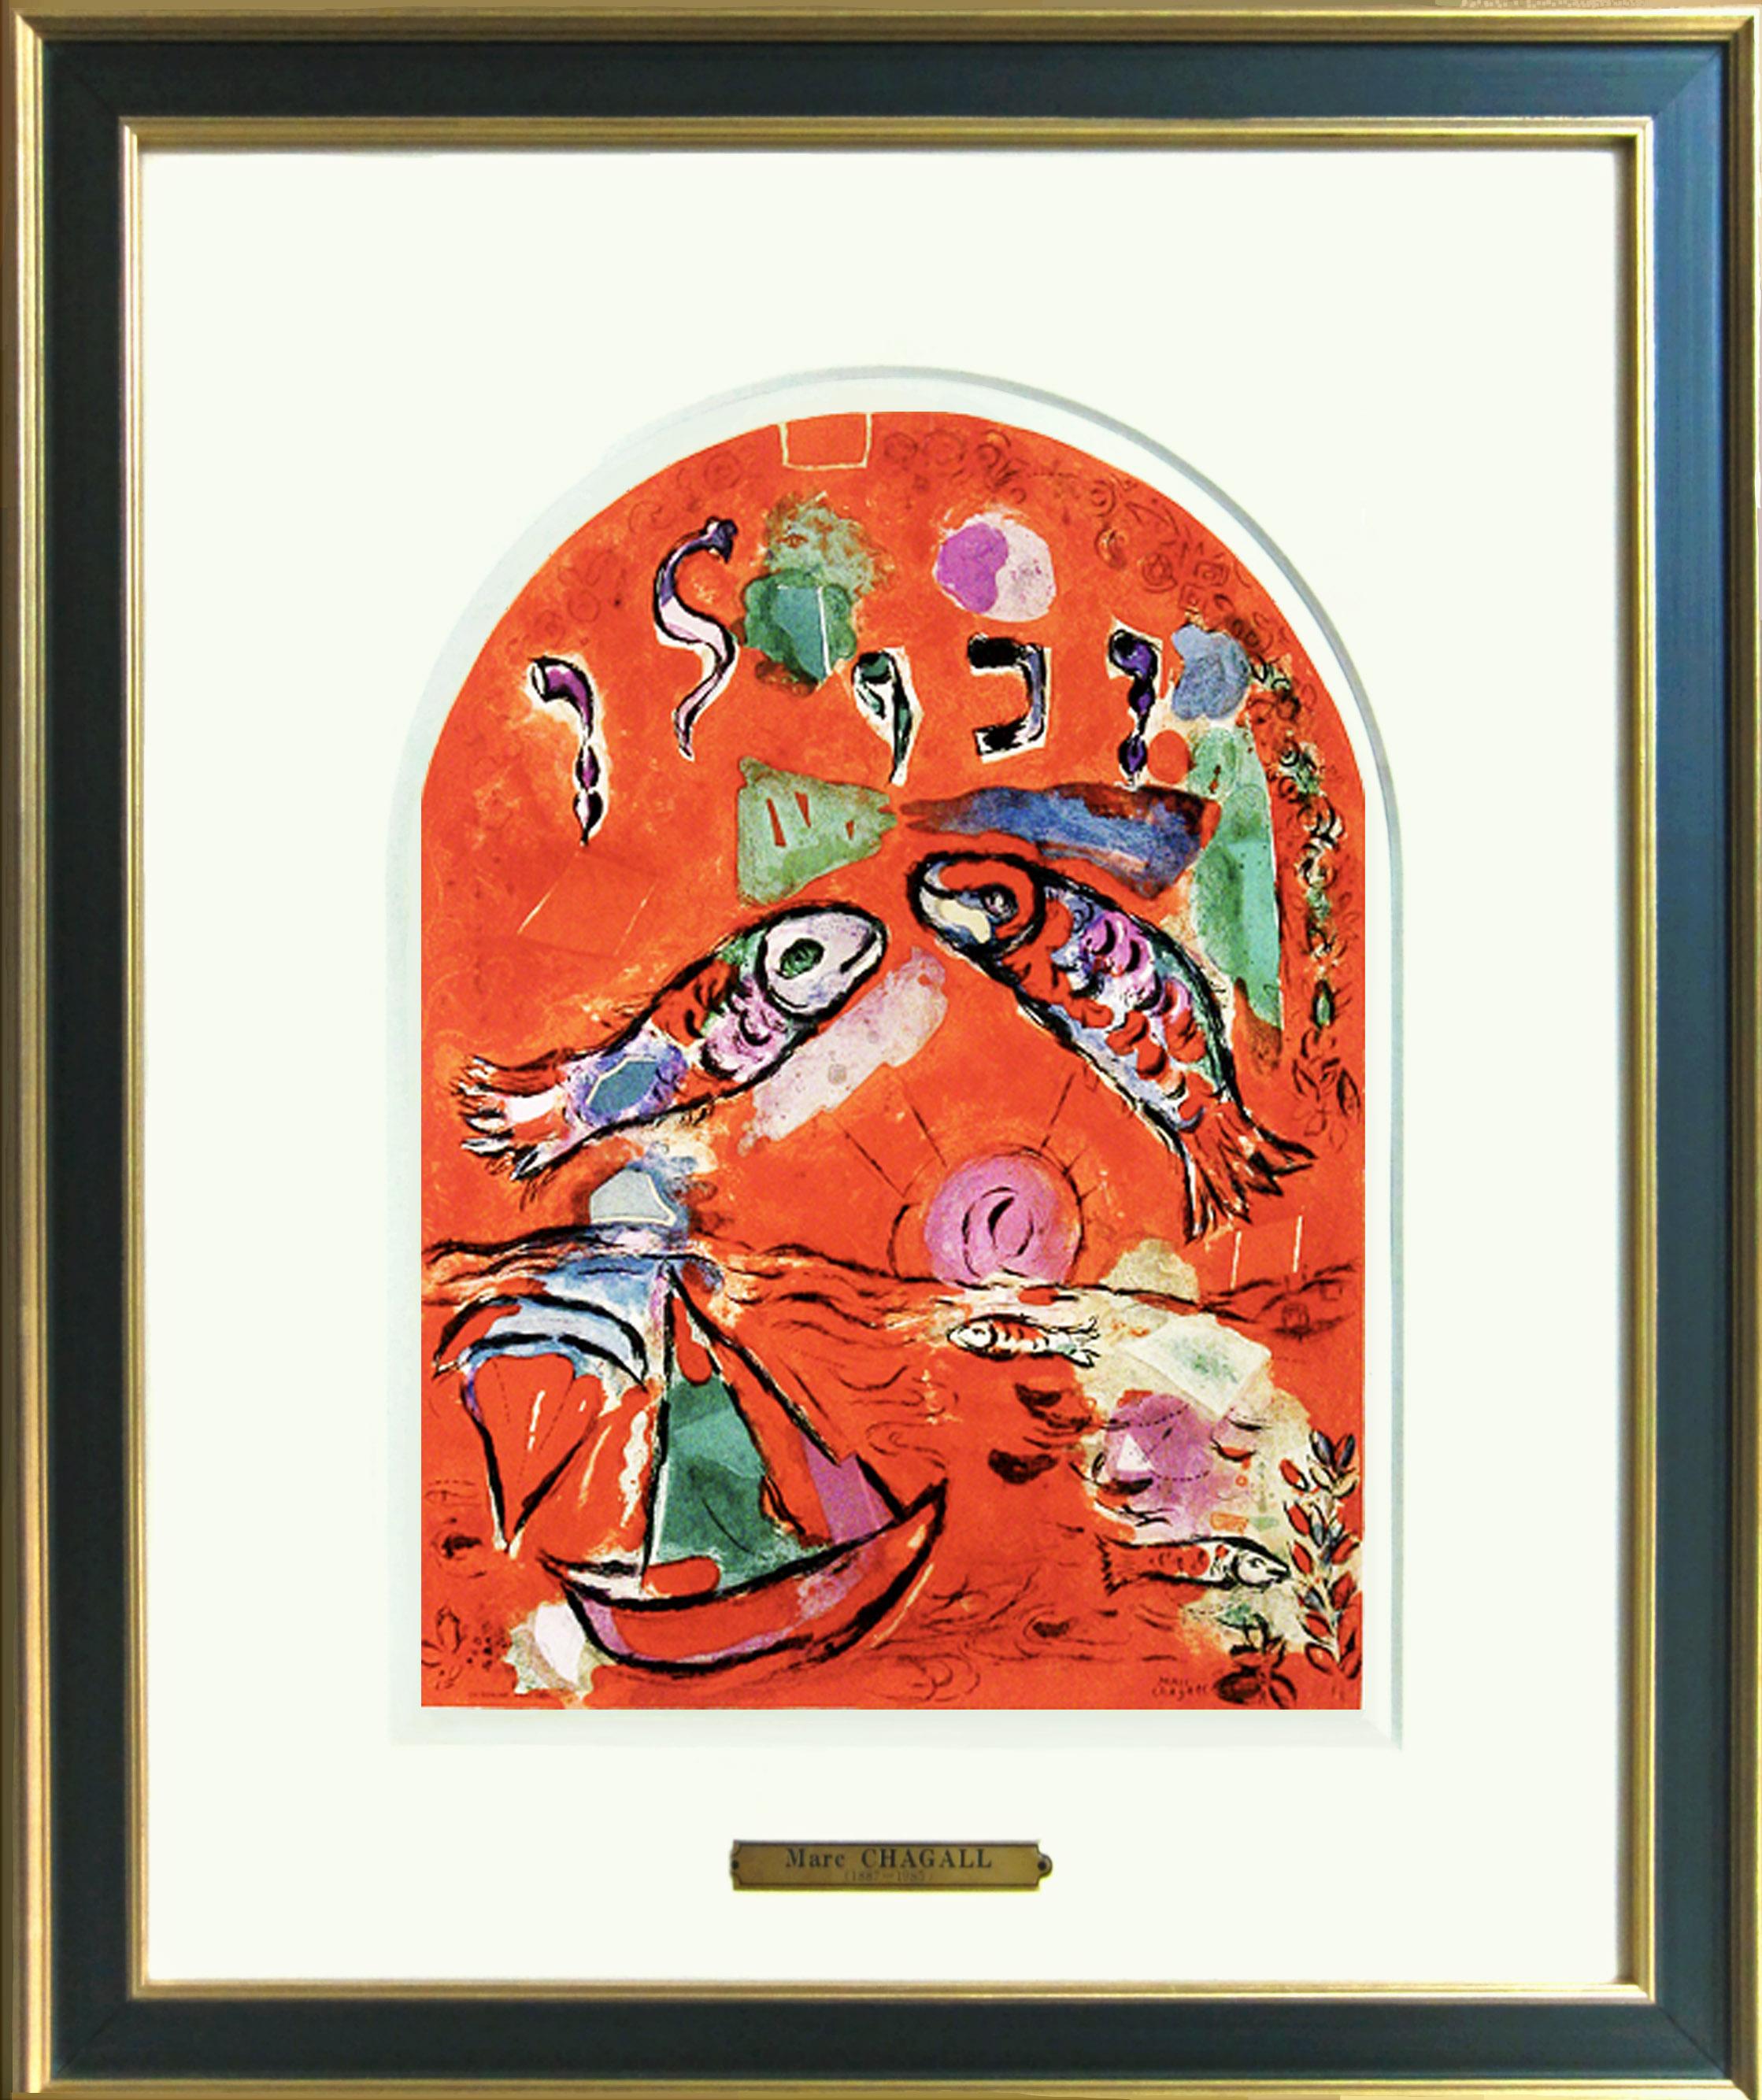 シャガール「ザブロン族」エルサレムウィンドウ・1962年・リトグラフ額寸447×398mm